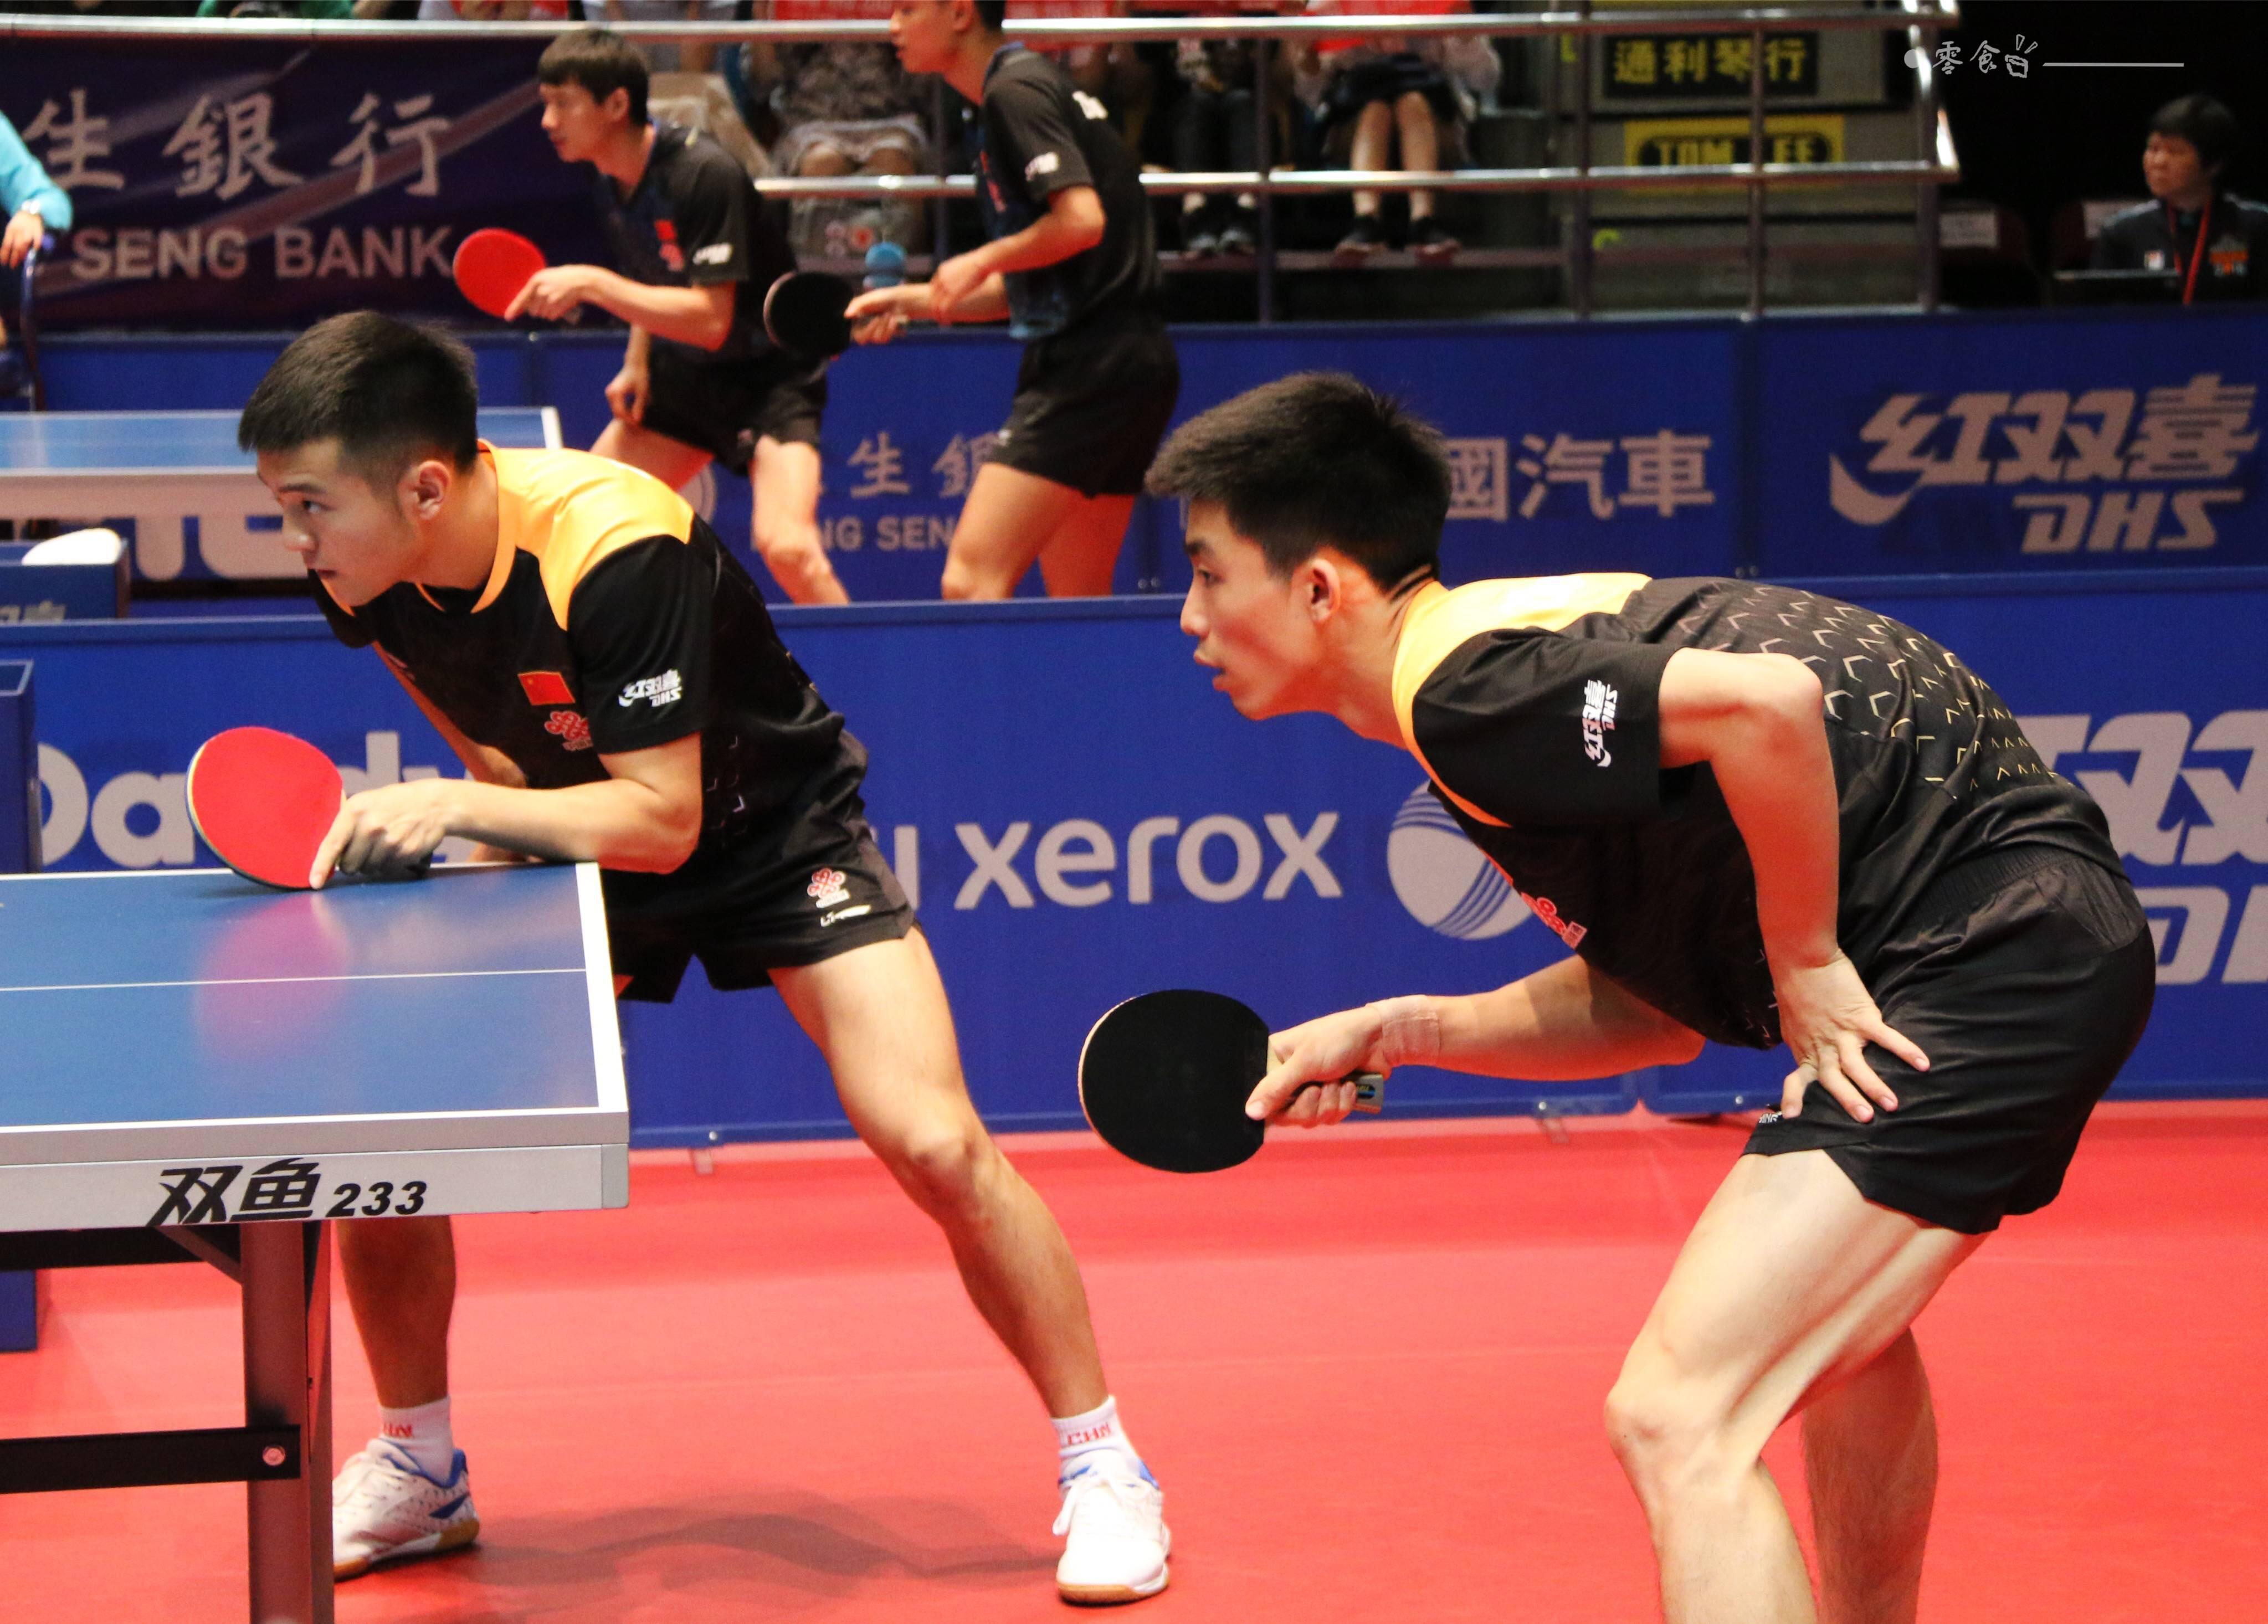 国乒溃败!中国男乒5人被淘汰仅1将晋级 国乒3将负韩国日本遭禁赛